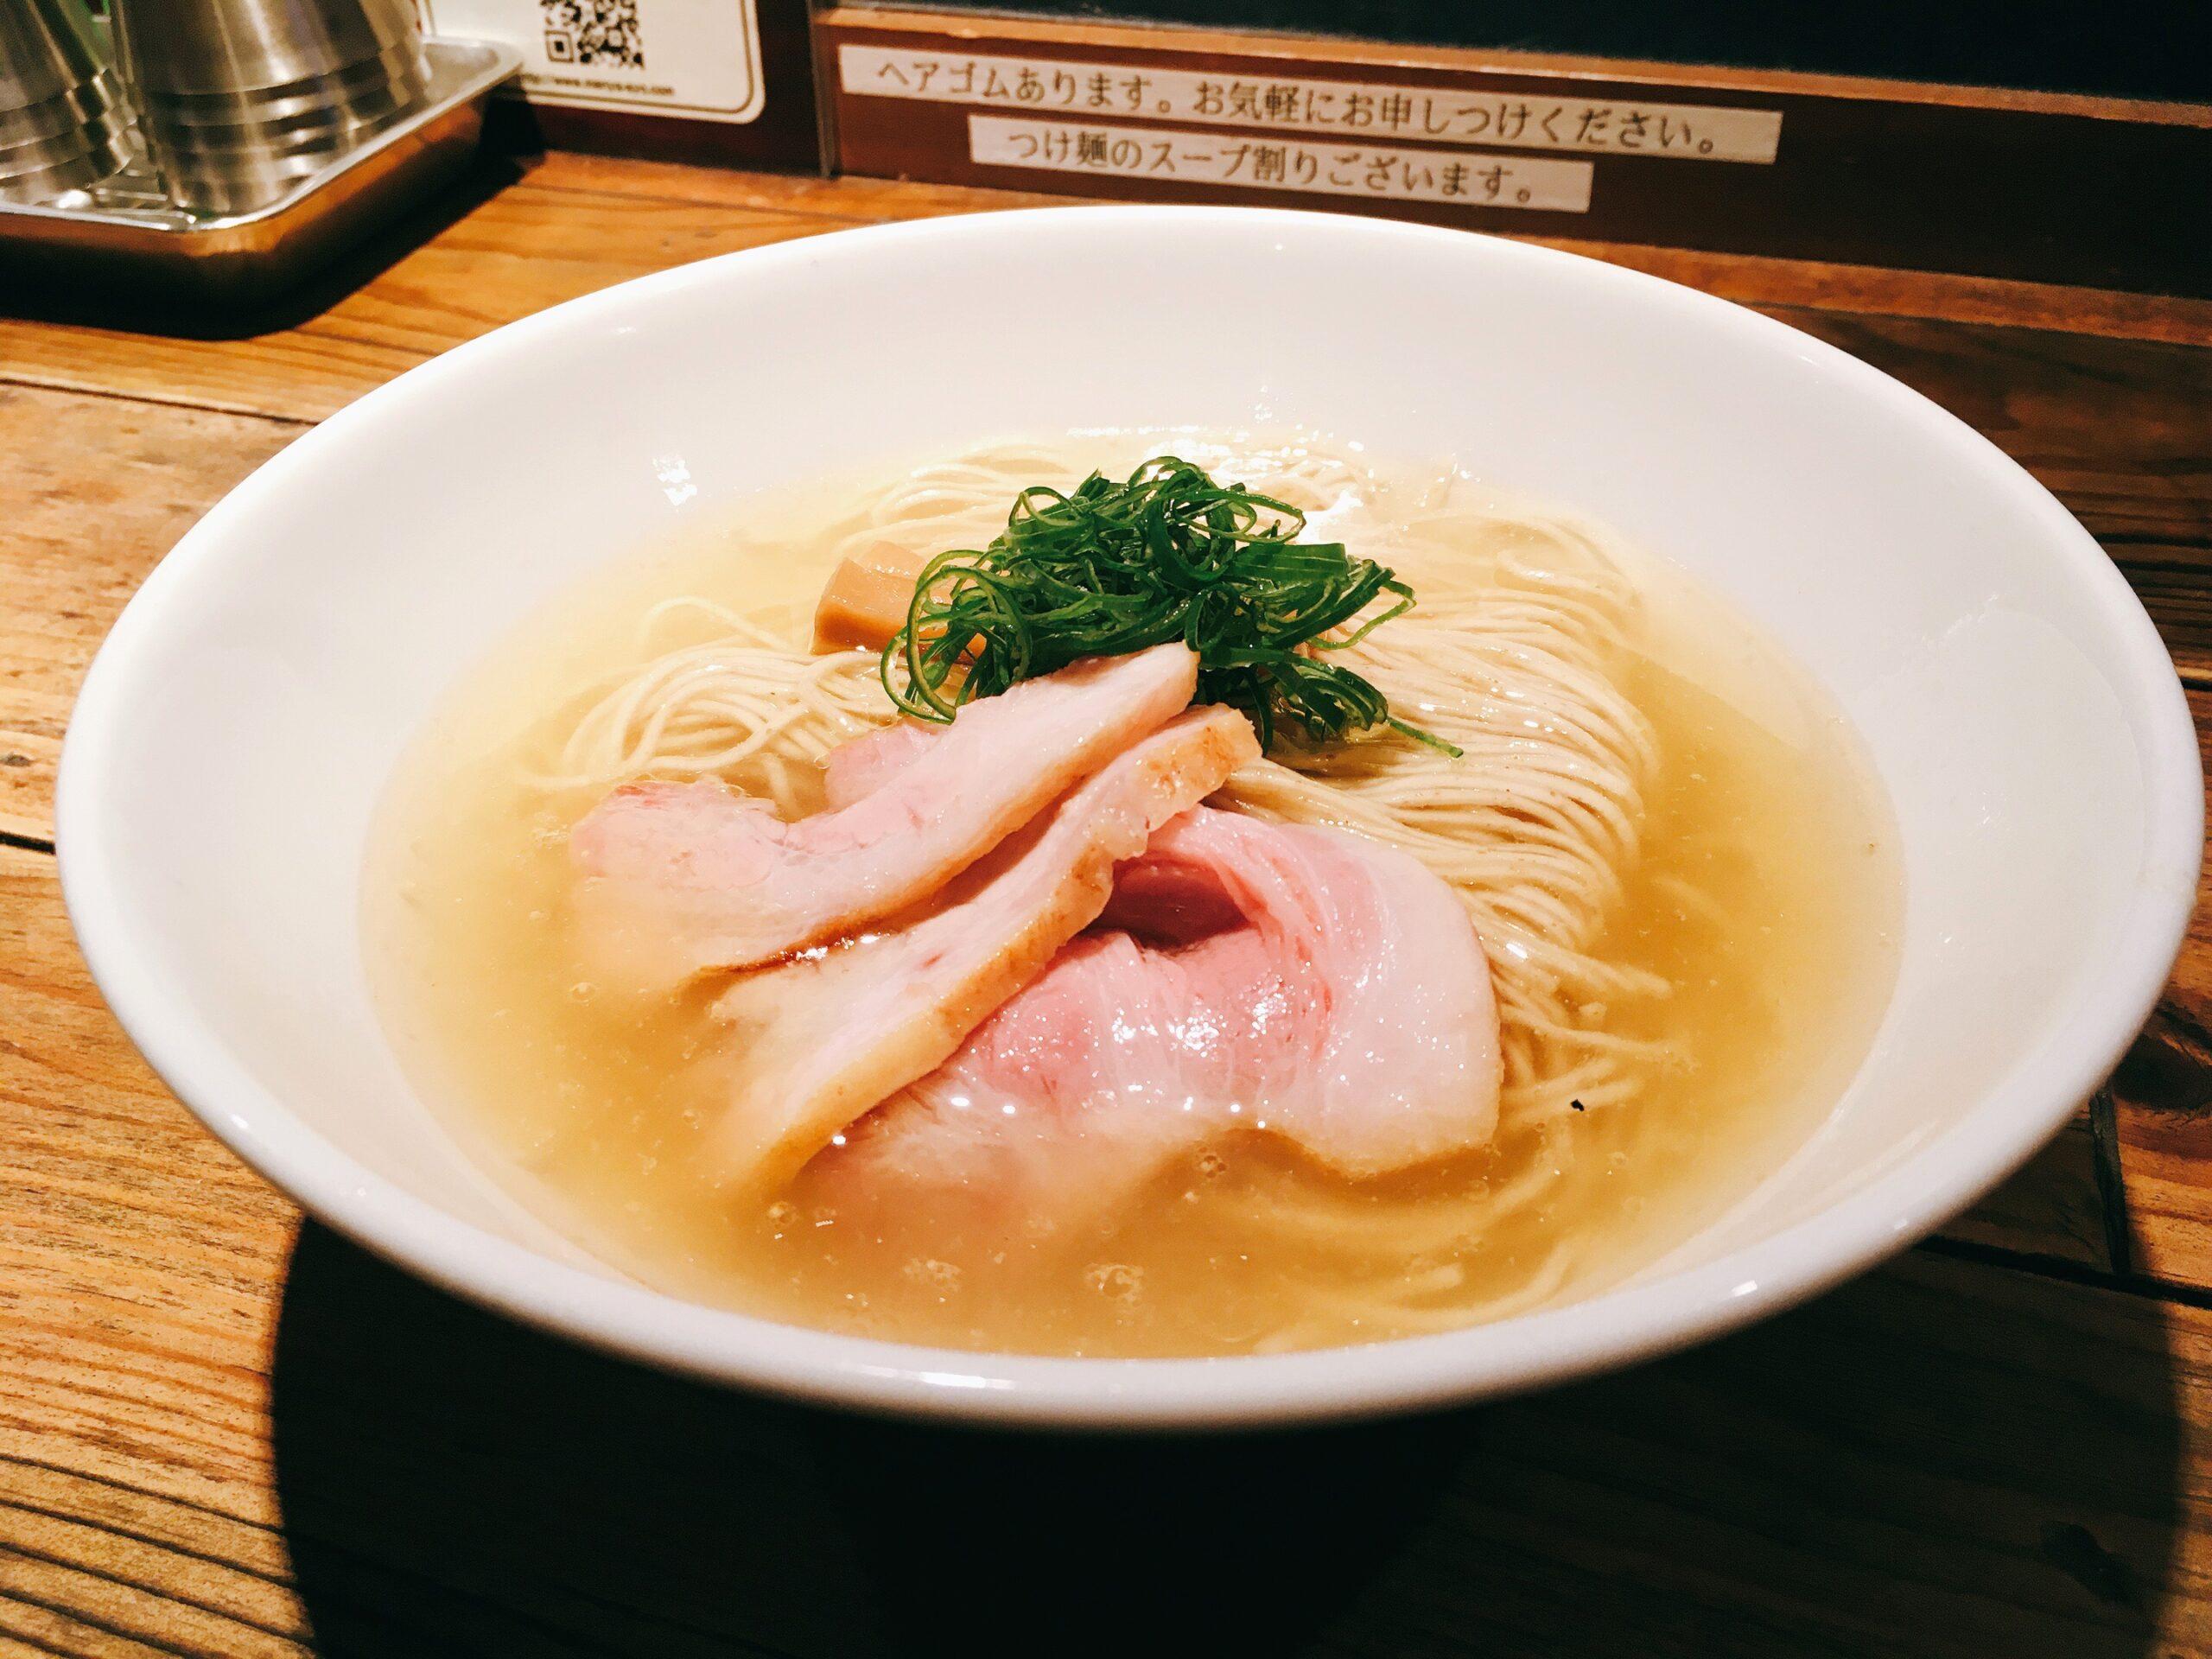 「麺屋 翔 本店」の「軍鶏塩ラーメン」の写真